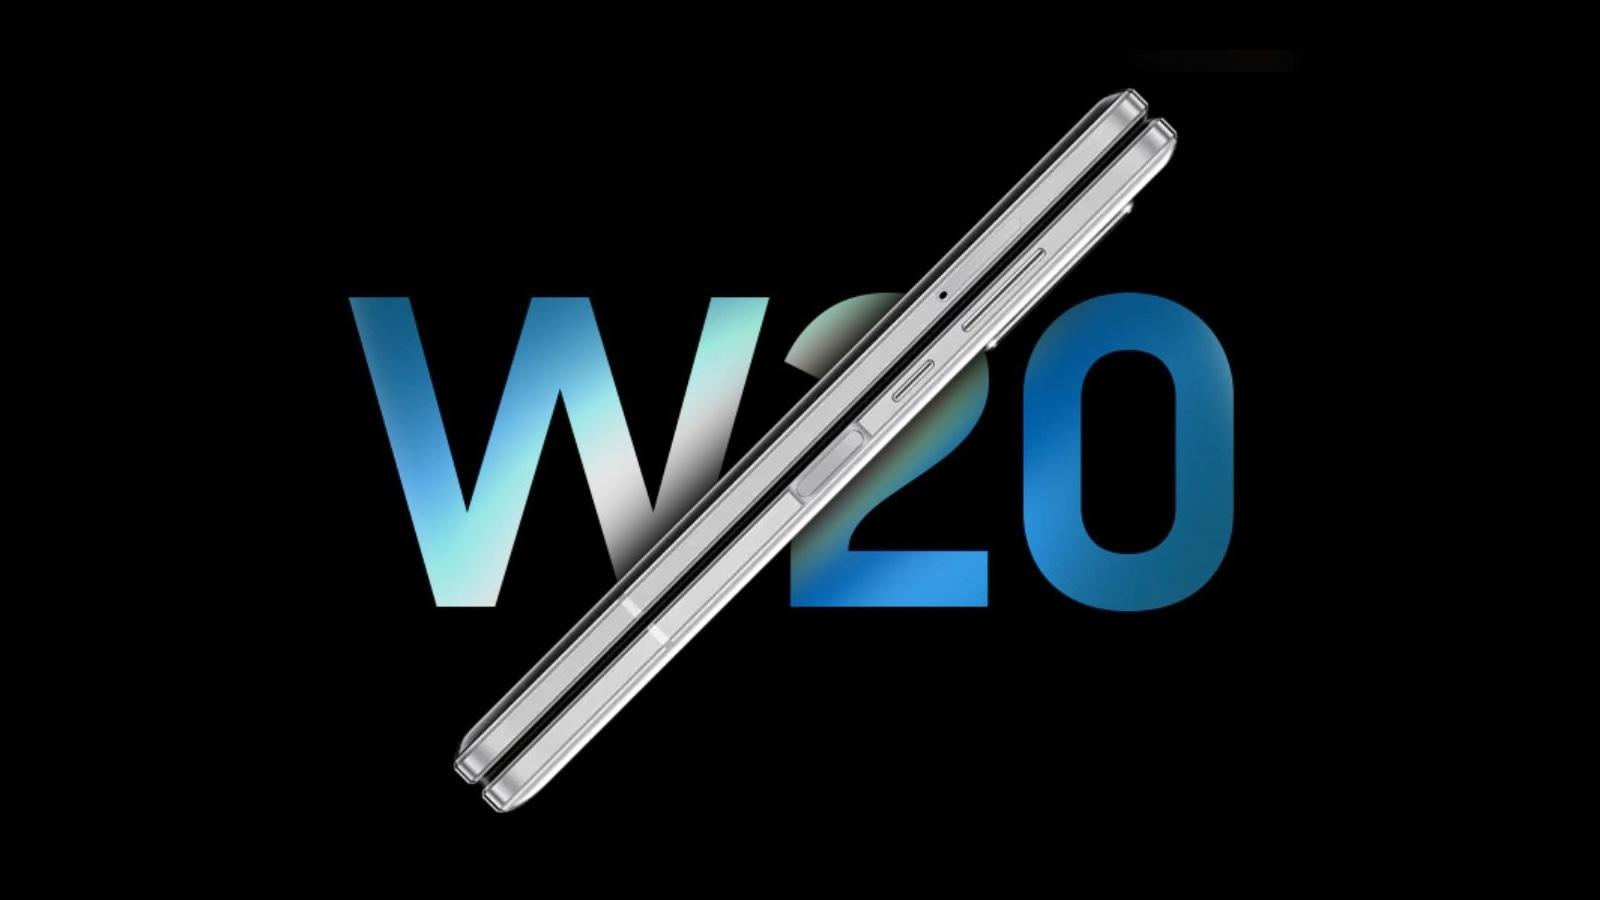 Samsung W20 5G annoncé : un smartphone pliable déjà-vu avec le Snapdragon 855 Plus